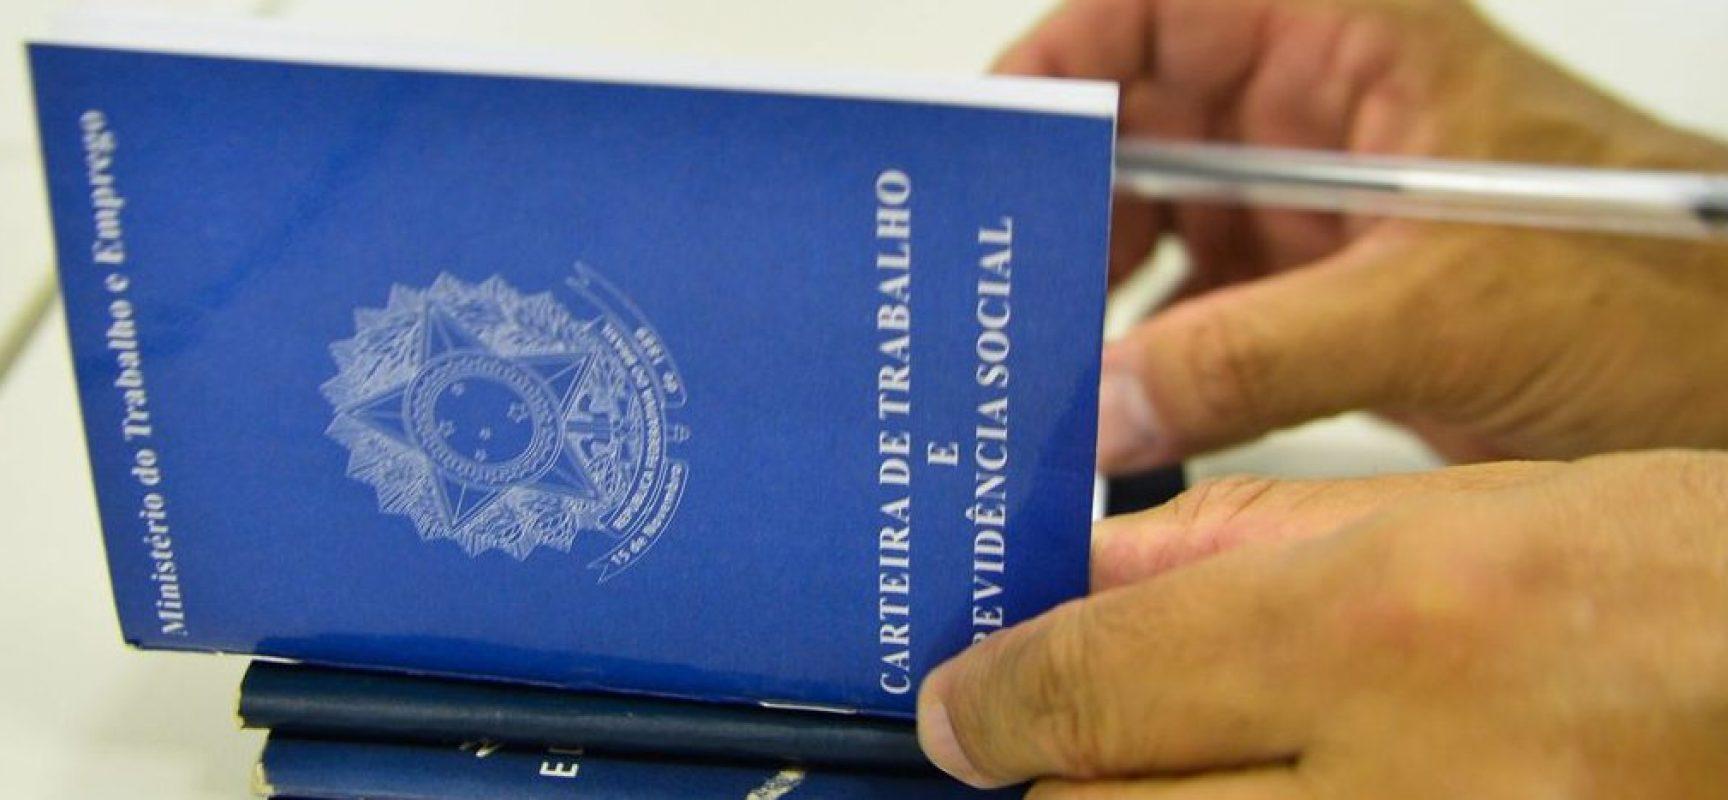 Desemprego atinge 13,4 milhões de brasileiros e média anual bate recorde em 2020